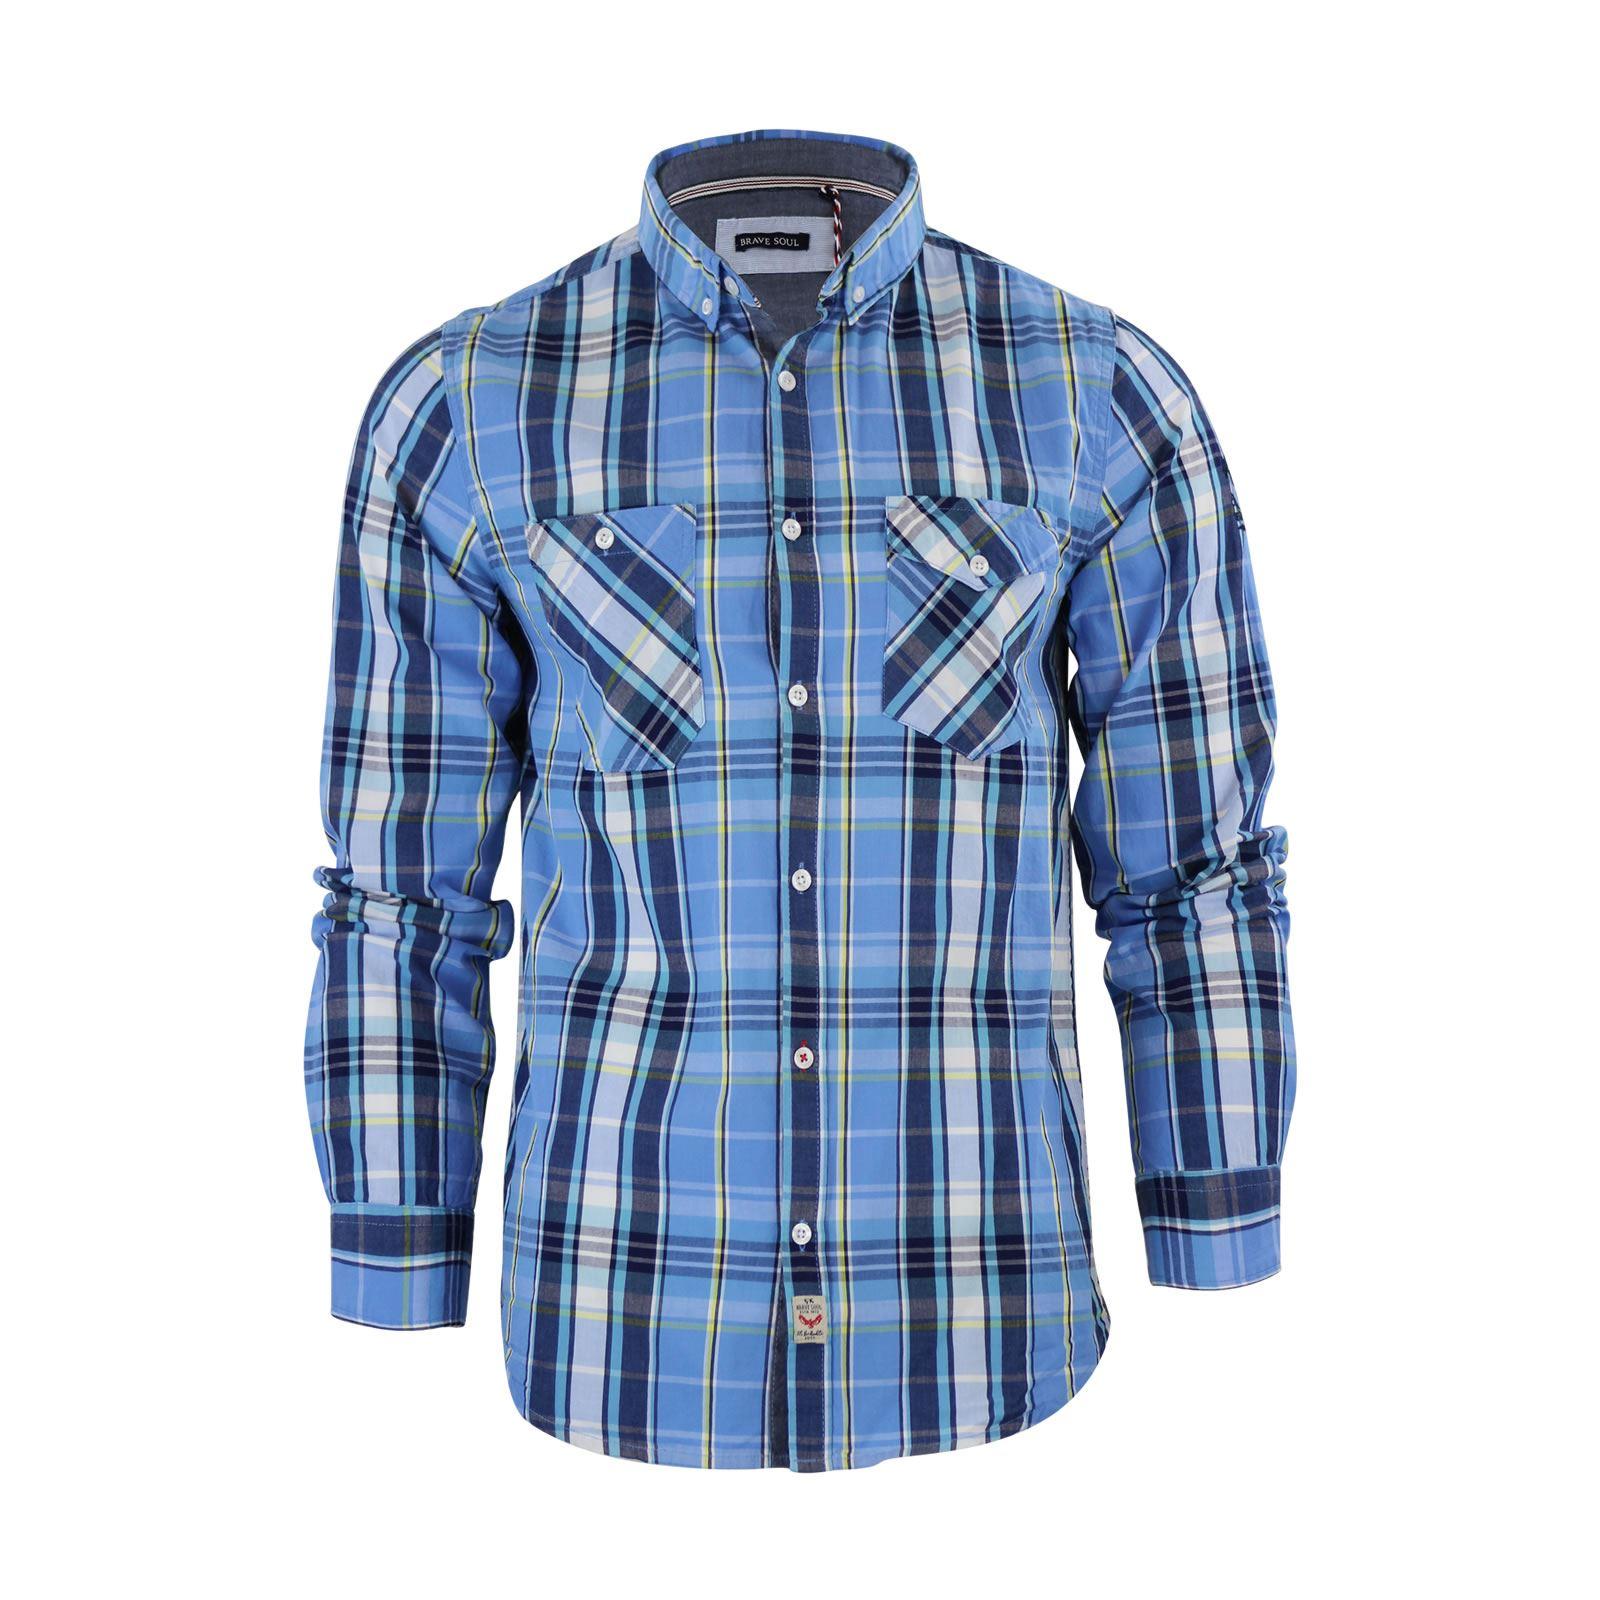 Alma-VALIENTE-HOMBRE-compruebe-Camisa-Algodon-Cepillado-De-Franela-Top-Manga-Larga-Casual miniatura 6